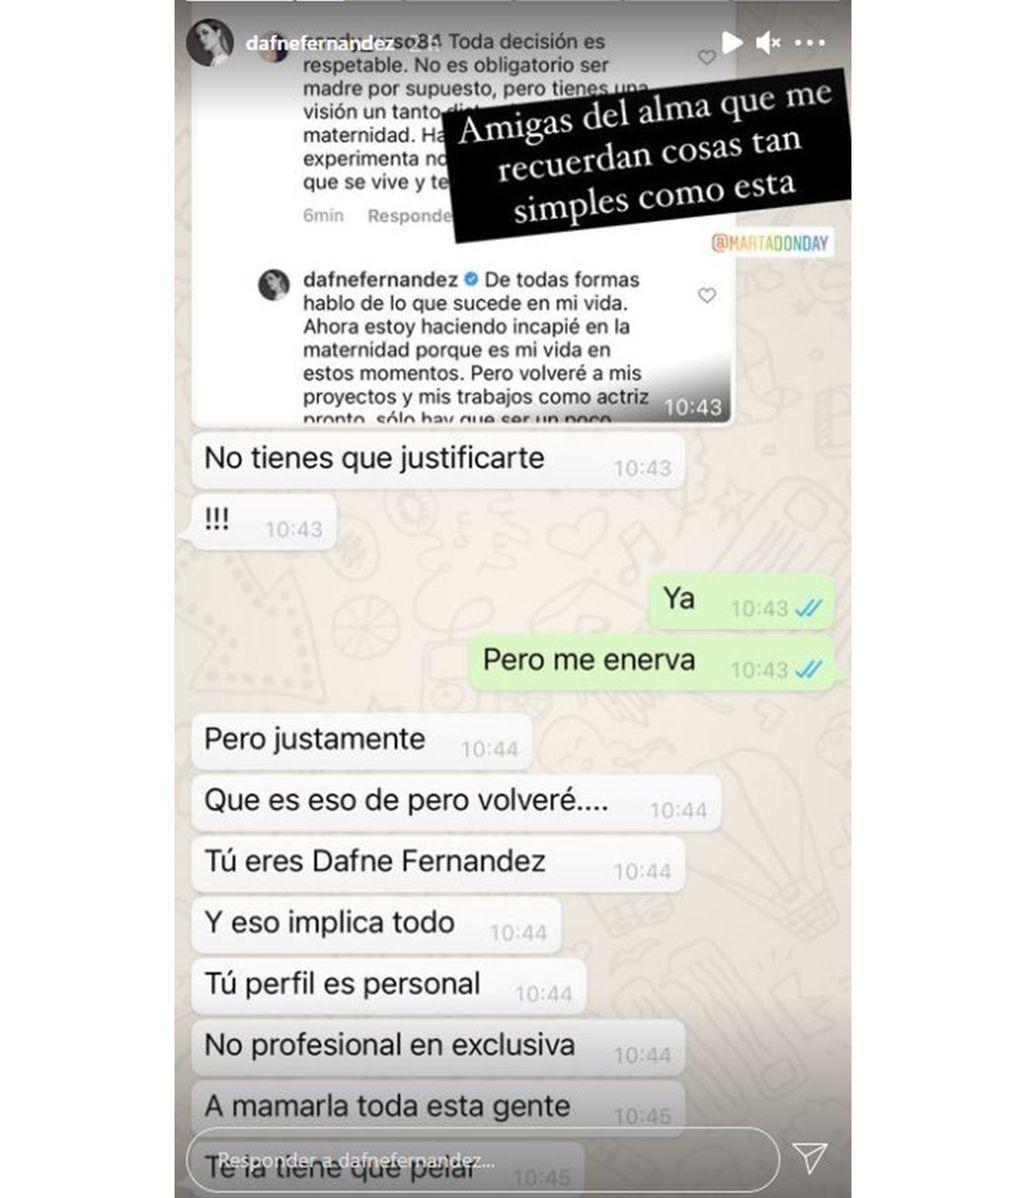 Una amiga de Dafne Fernández le recomienda no justificarse ante las críticas